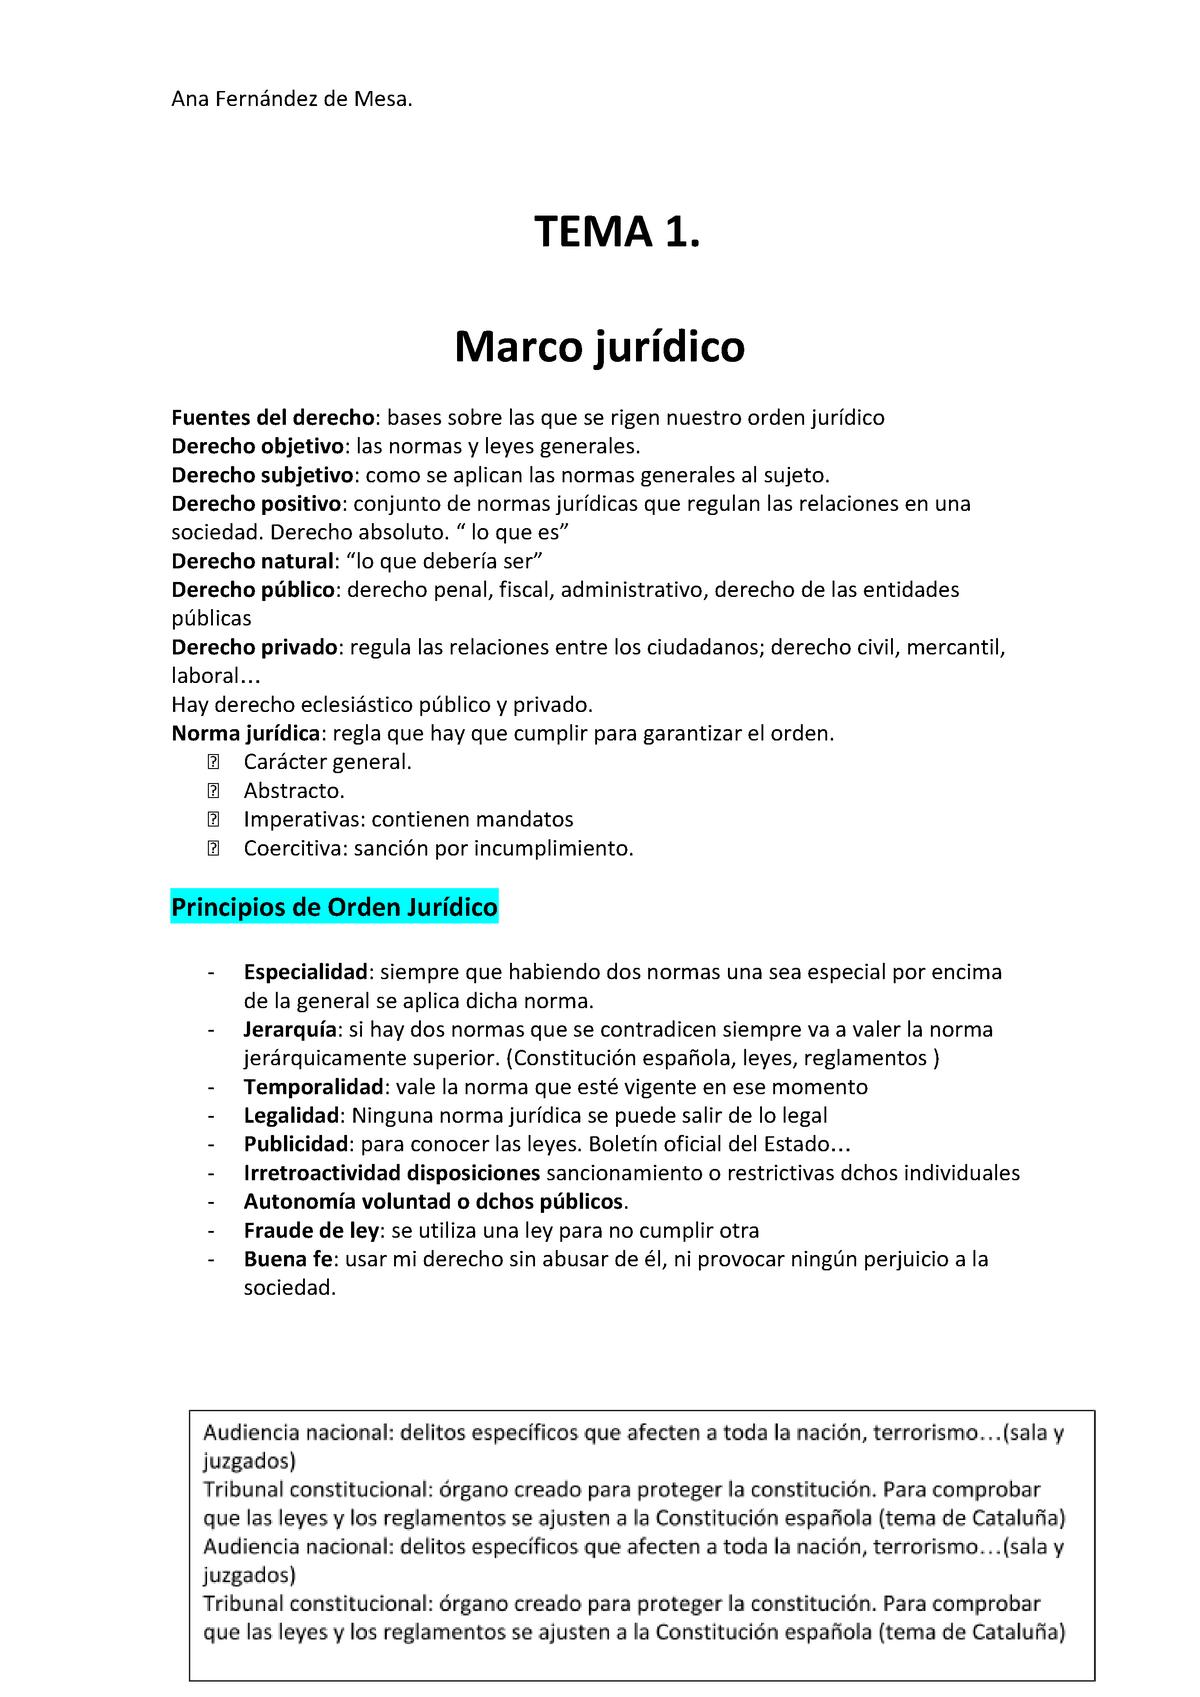 Marco Jurídico Apuntes 1 7 Comillas Studocu